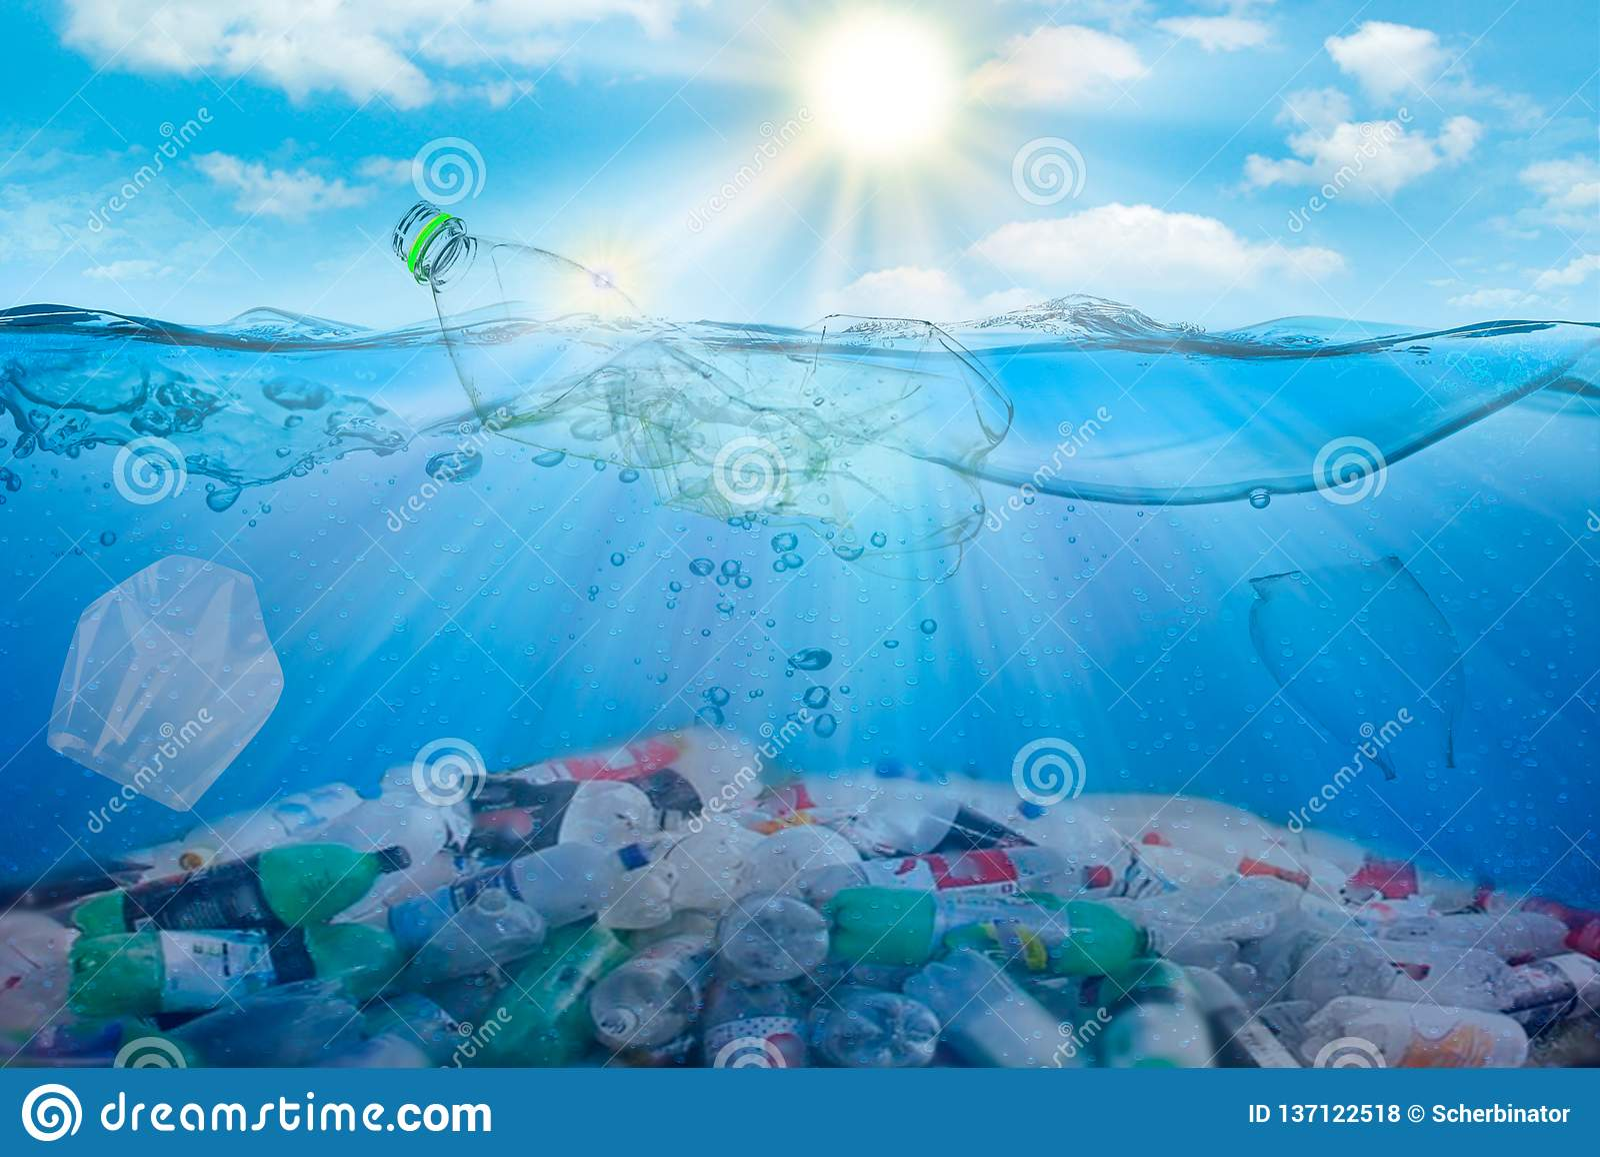 Contaminación de agua ambiental plástico Ahorre el concepto de la ecología